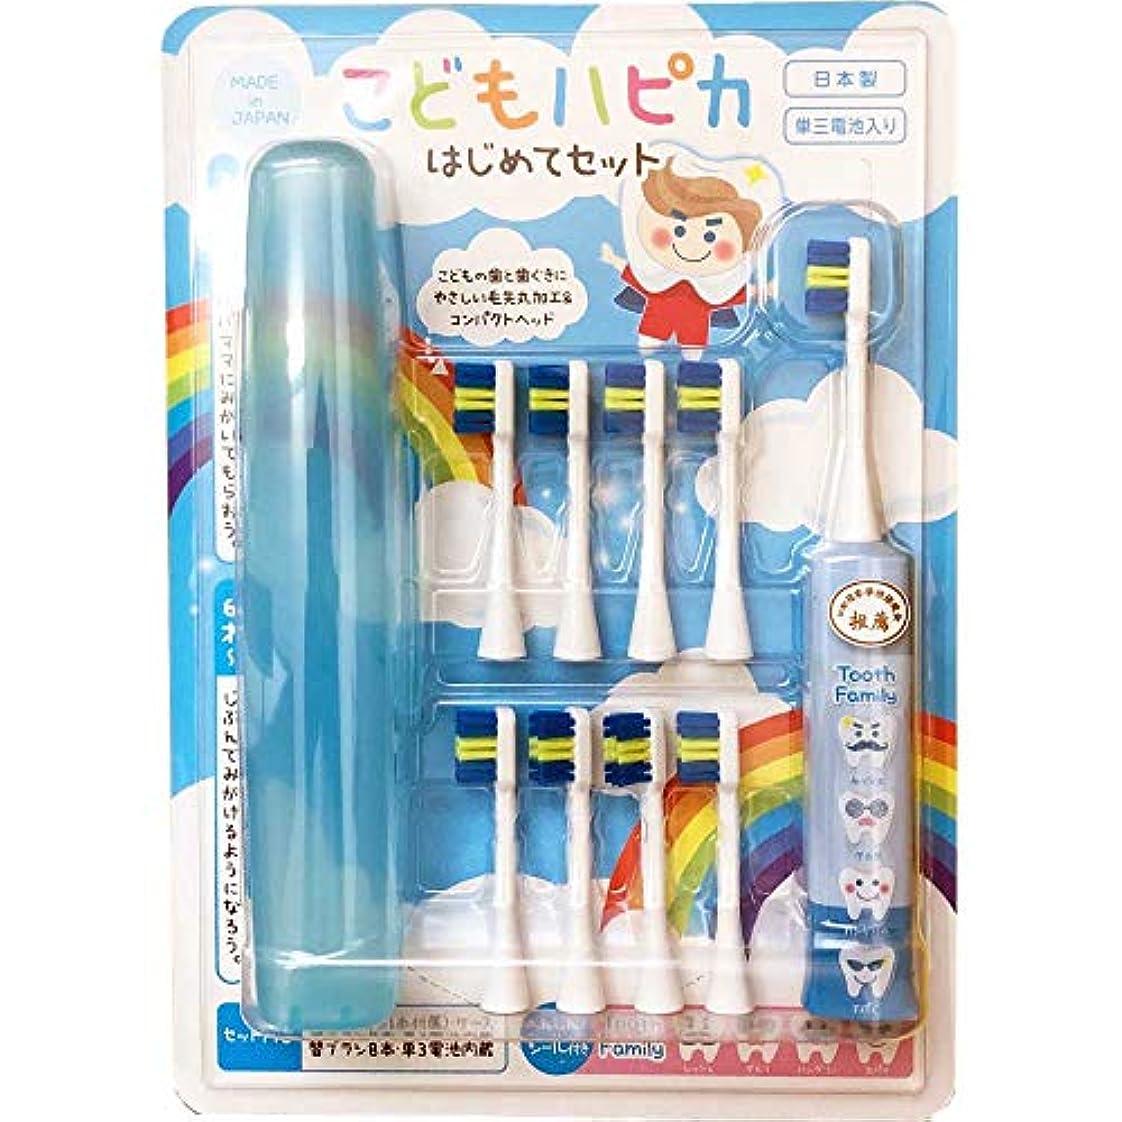 スクラップブック弁護人一人でミニマム こどもハピカセット ブルー 子供用電動歯ブラシ